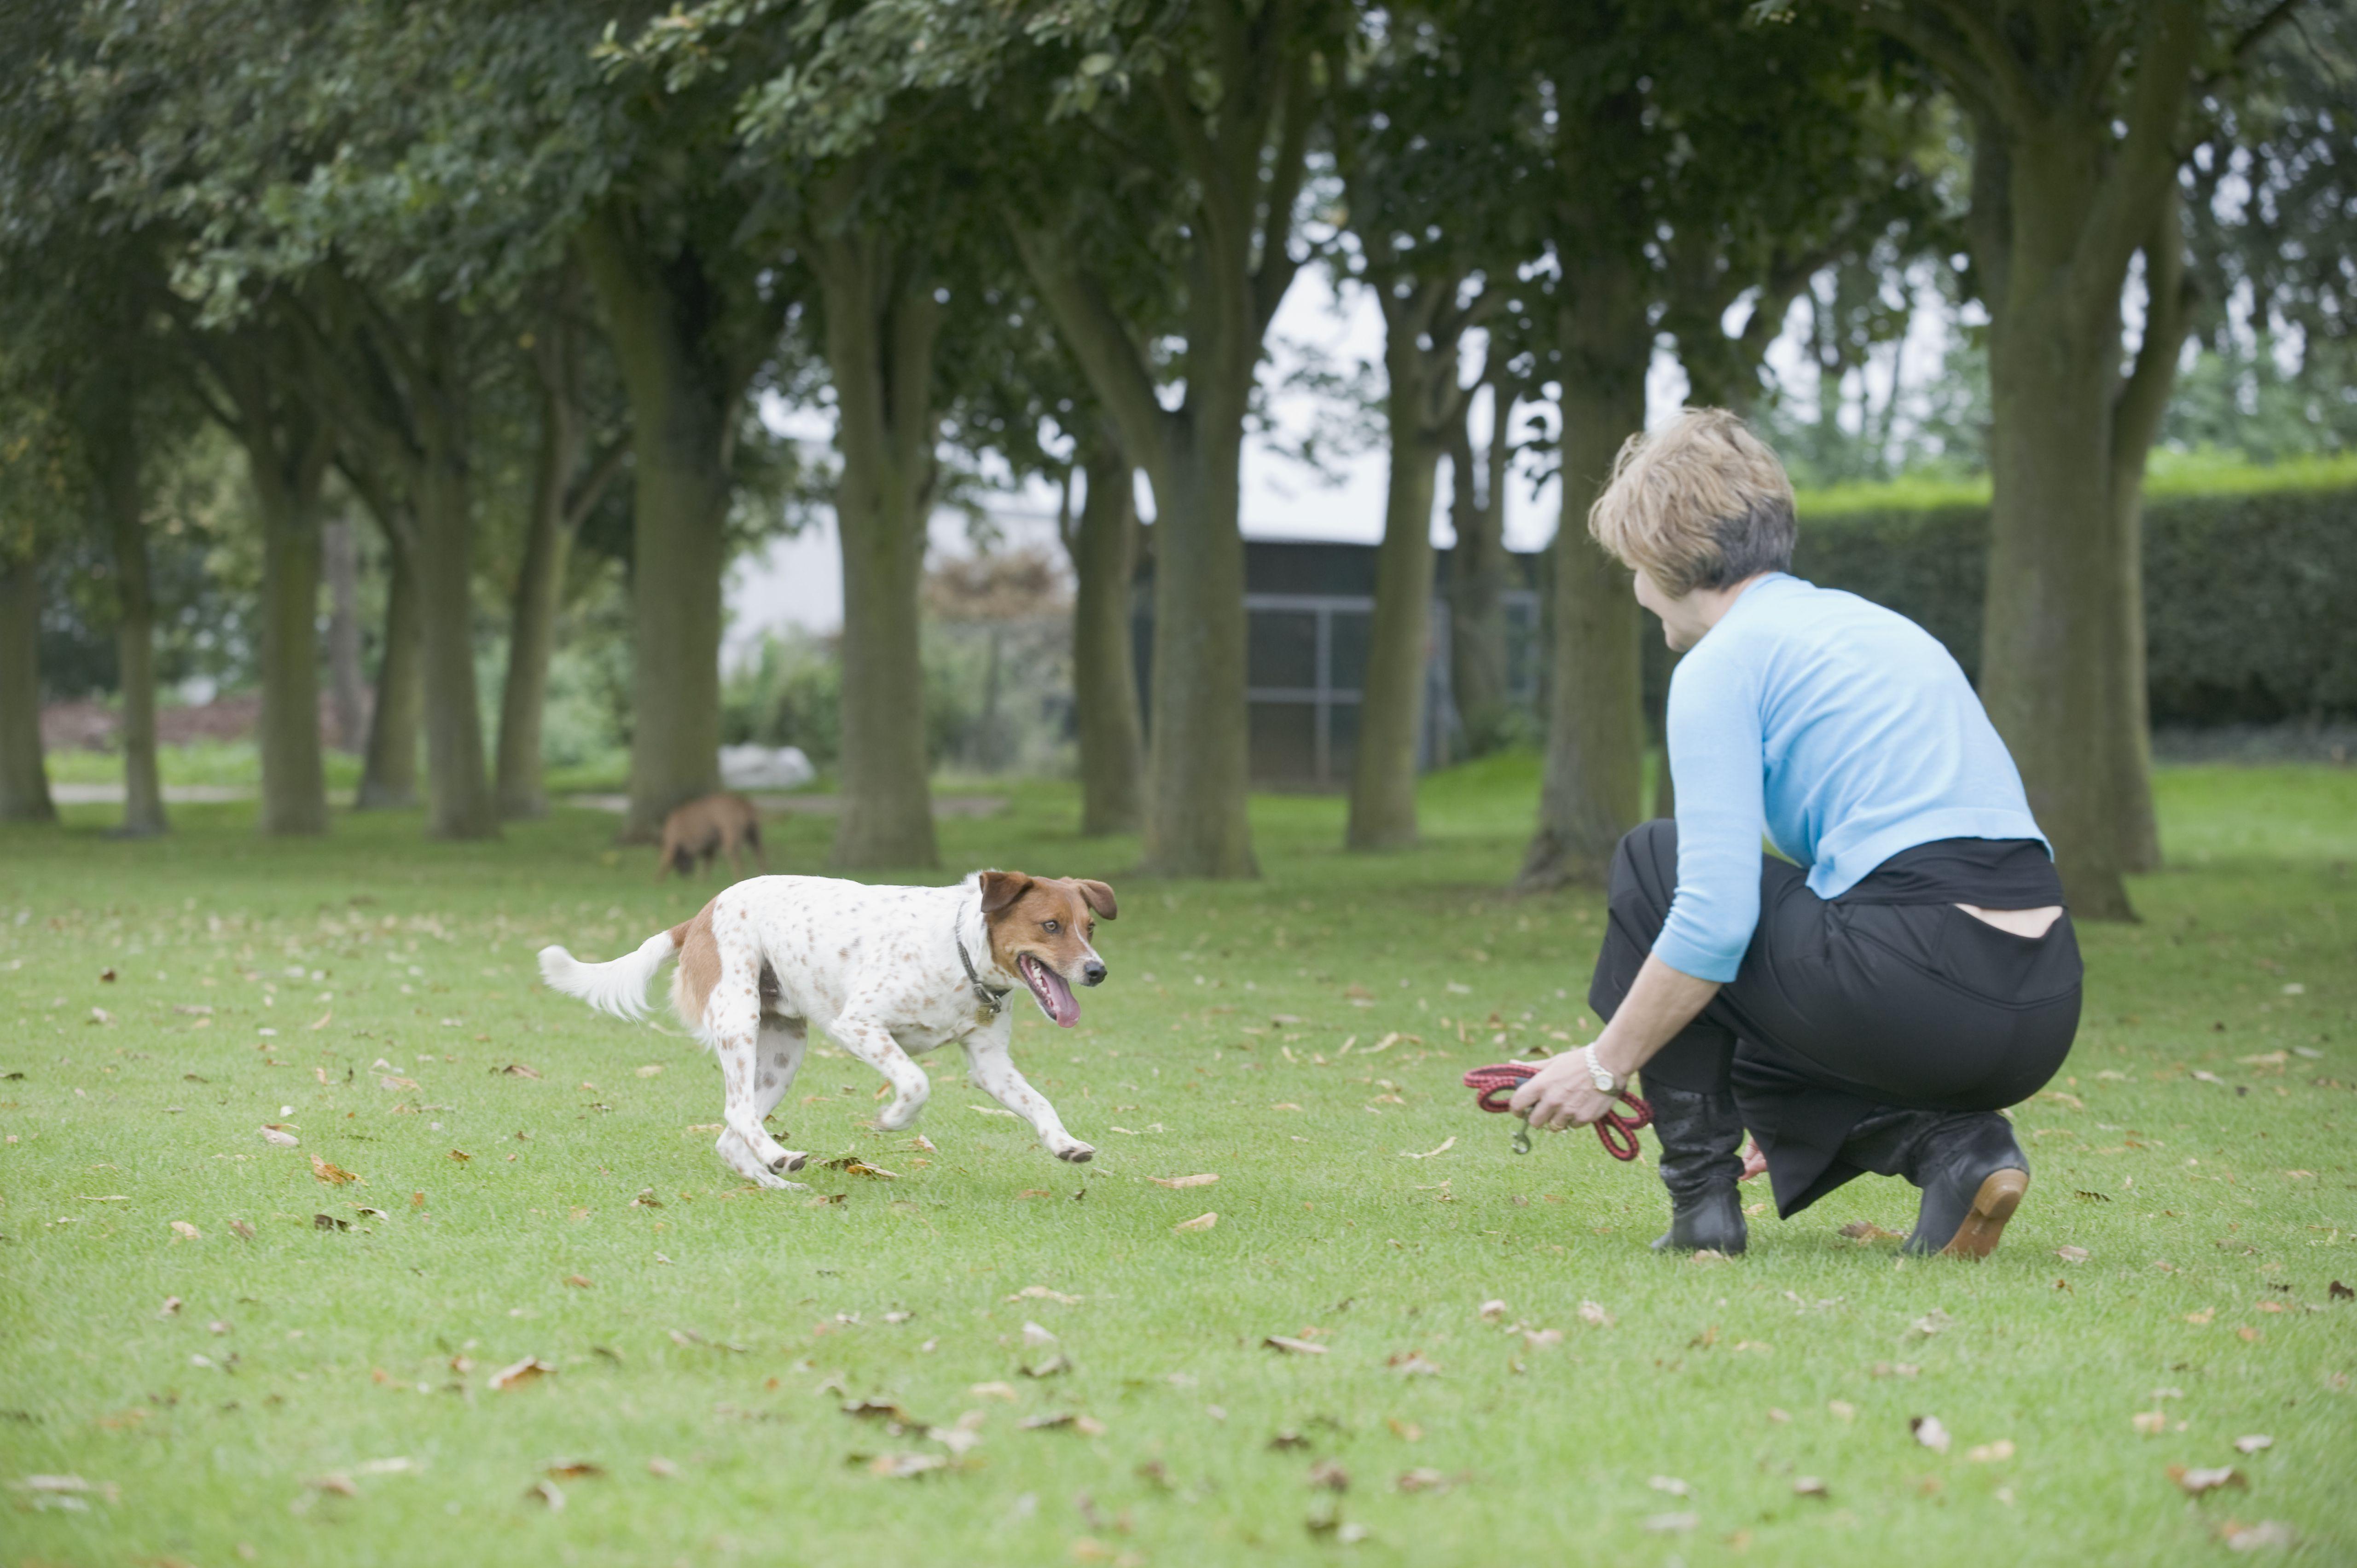 Perro mestizo que corre hacia una mujer agachada en el césped con una correa. Mujer caminando por un camino con un perro con una correa